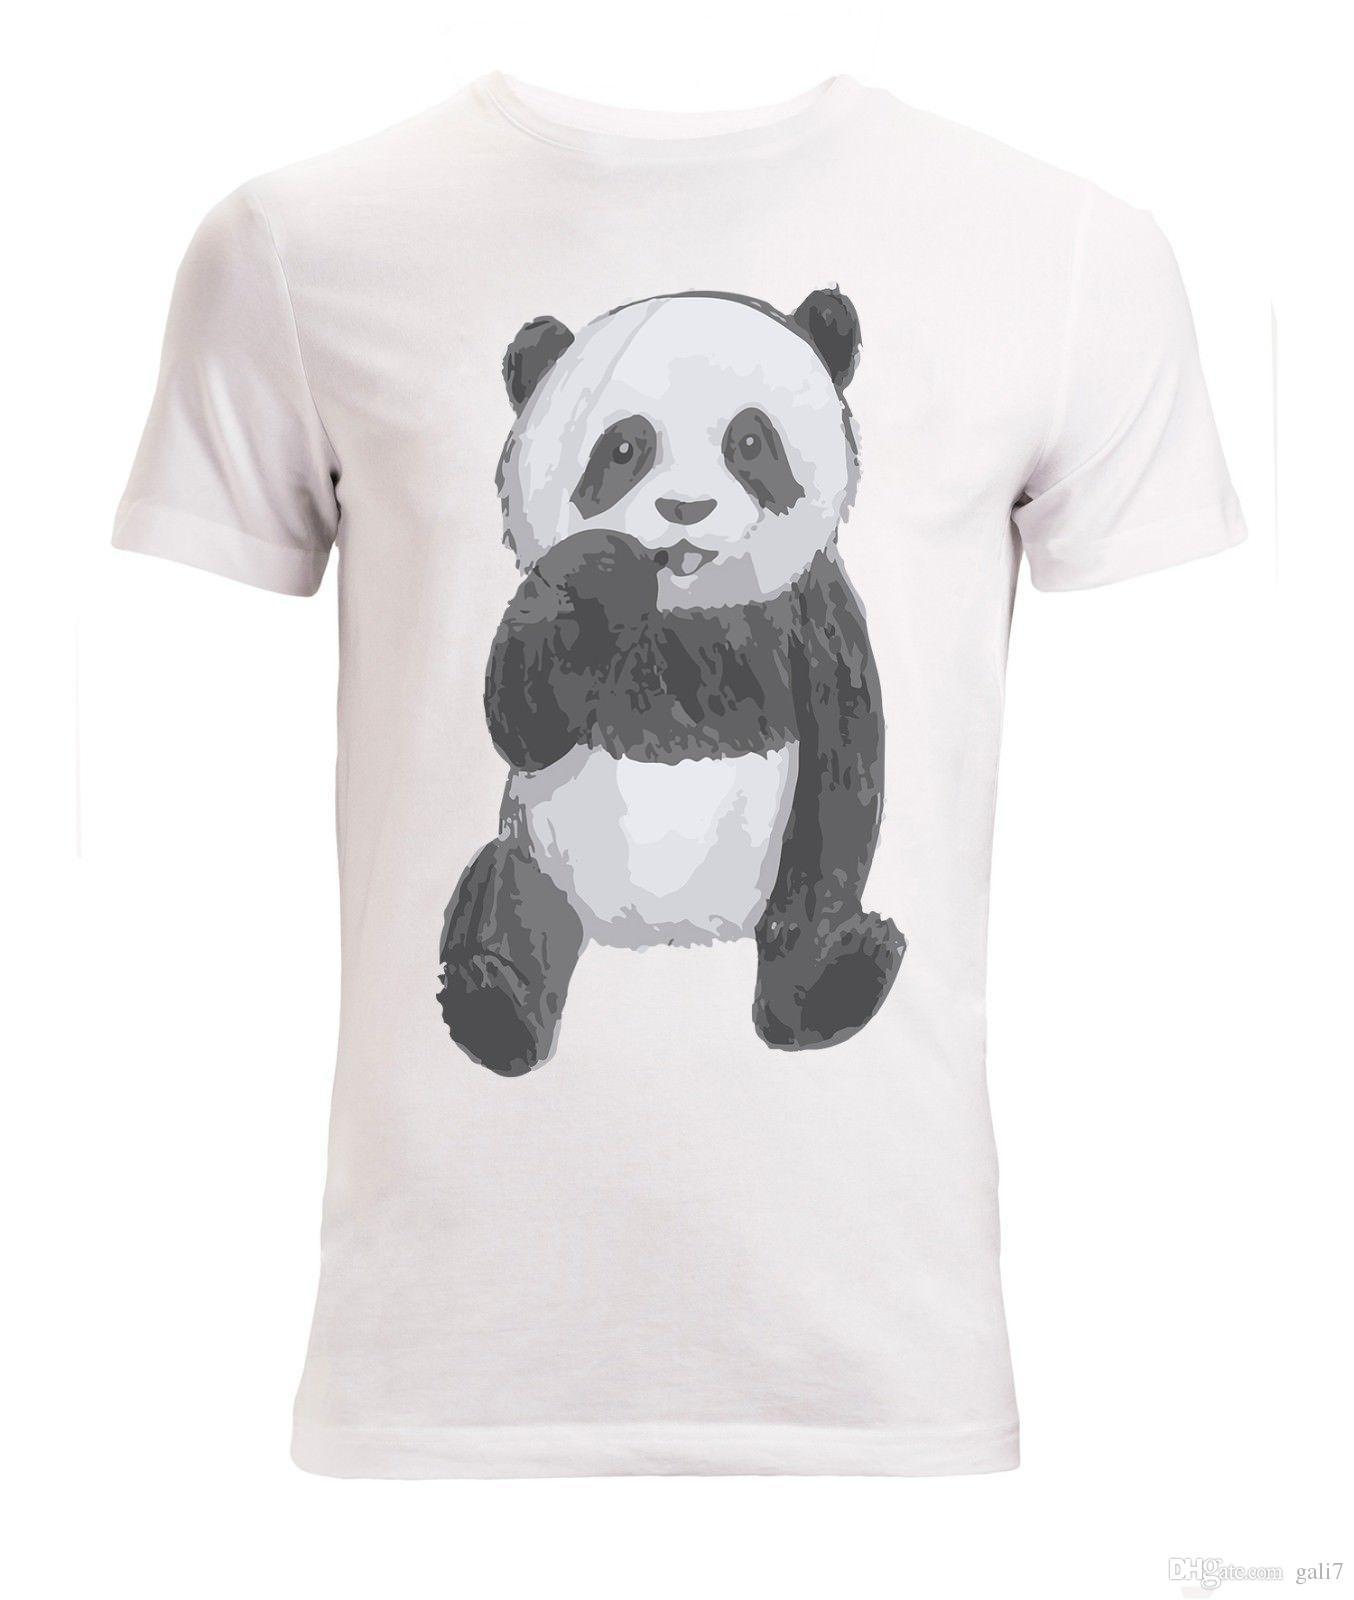 Panda Bear Cute Cub Animal Drawing Men S Woman S Available T Shirt